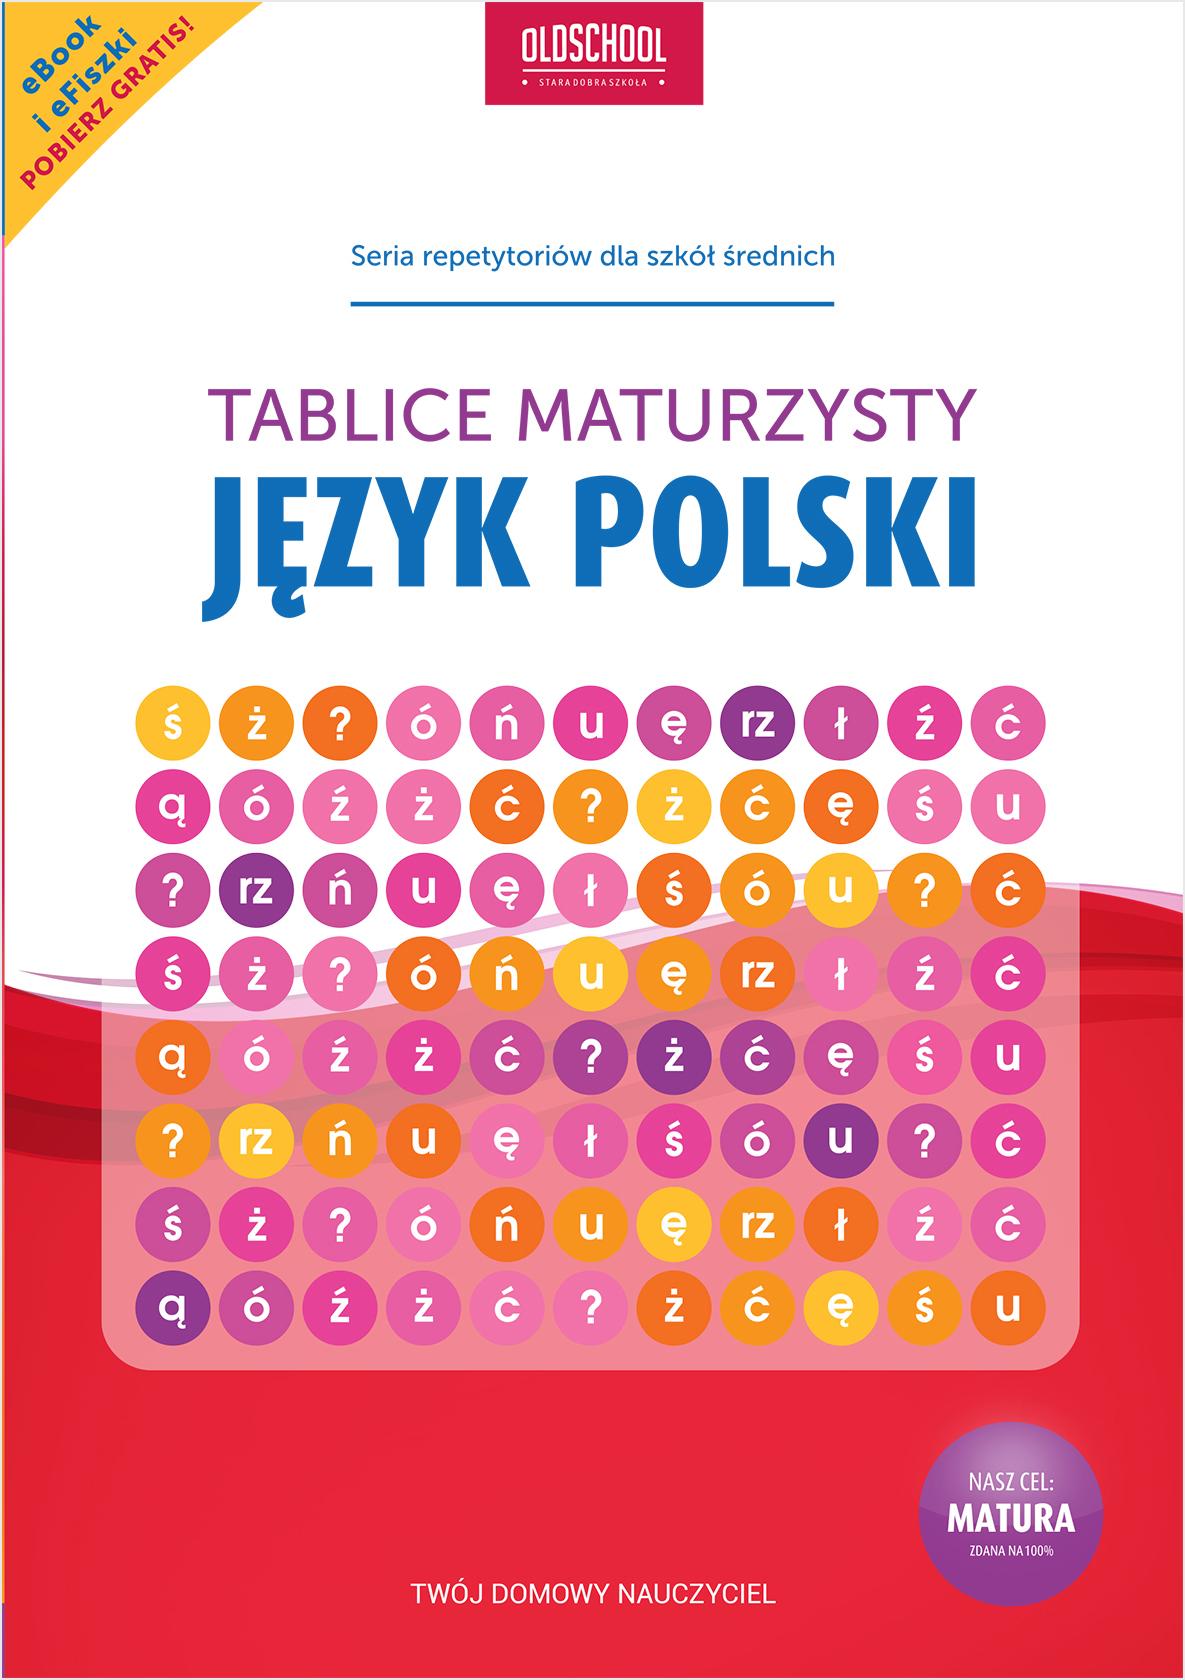 polski_maturzysta_krzywe